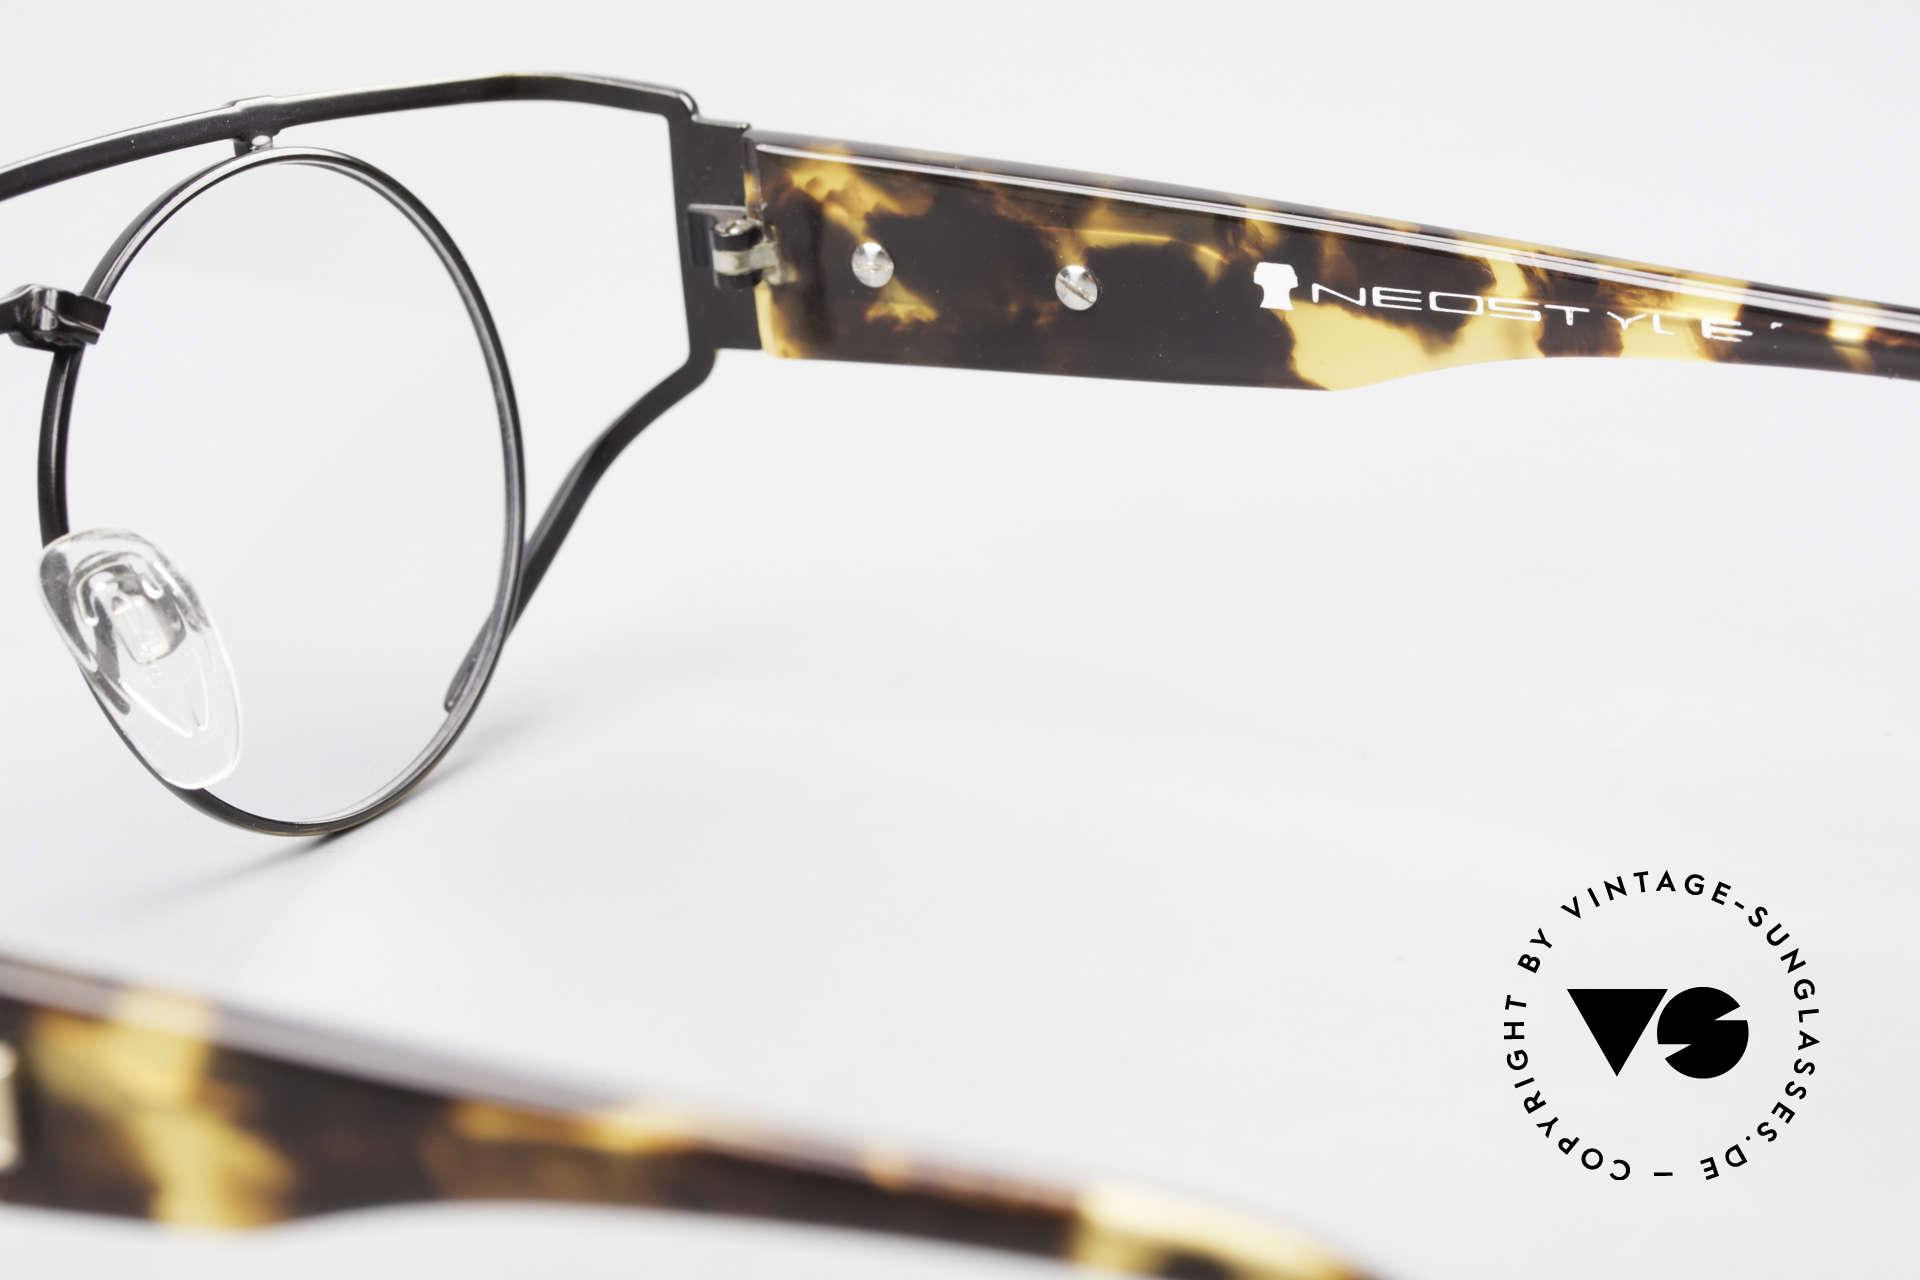 Neostyle Superstar 1 Steampunk Vintage Brille, Größe: medium, Passend für Herren und Damen